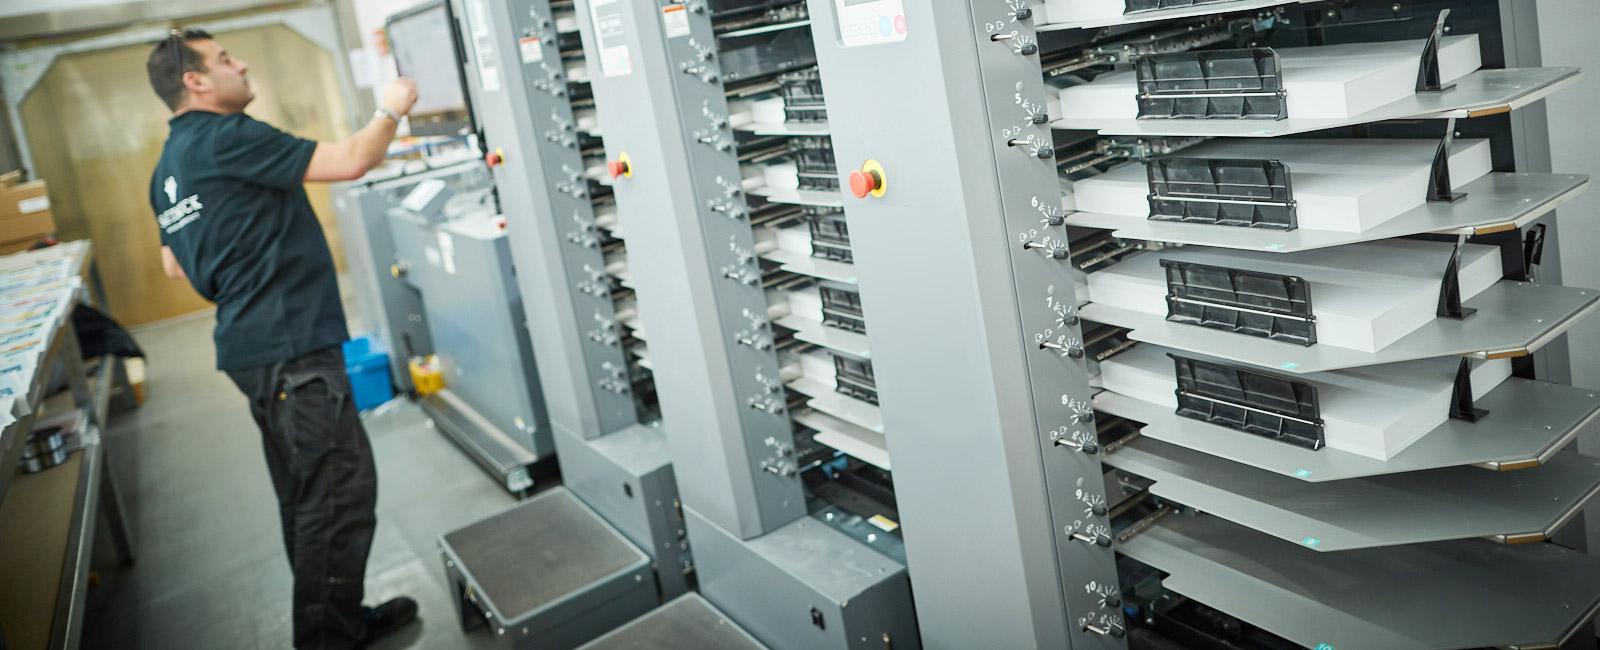 Weiterverarbeitug von Drucksachen - kleben, Schneiden, Falzen, Binden - bei Satzdruck in Coesfeld